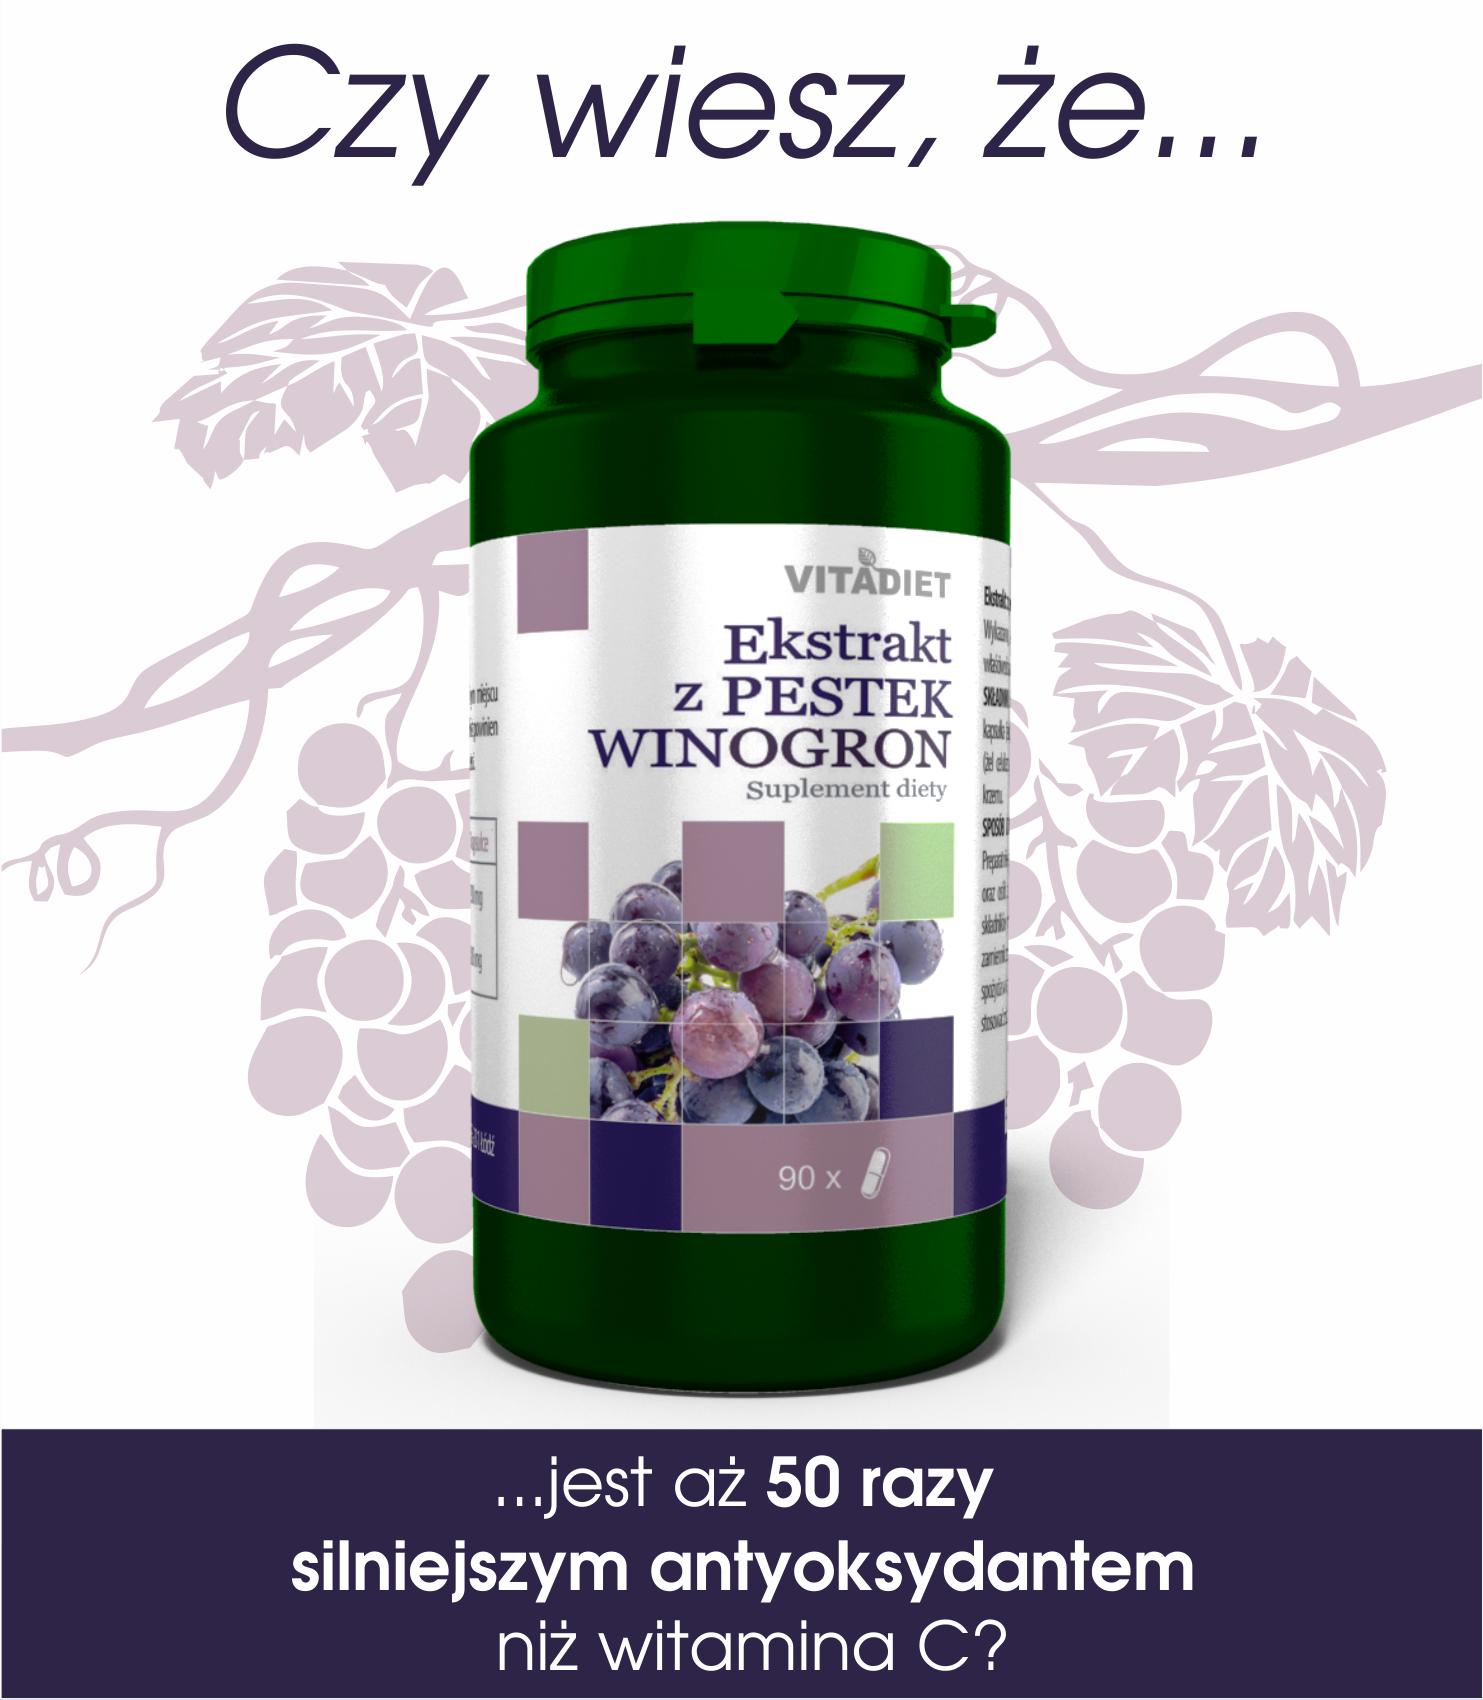 Czy wiesz, że ekstrakt z pestek winogron...?